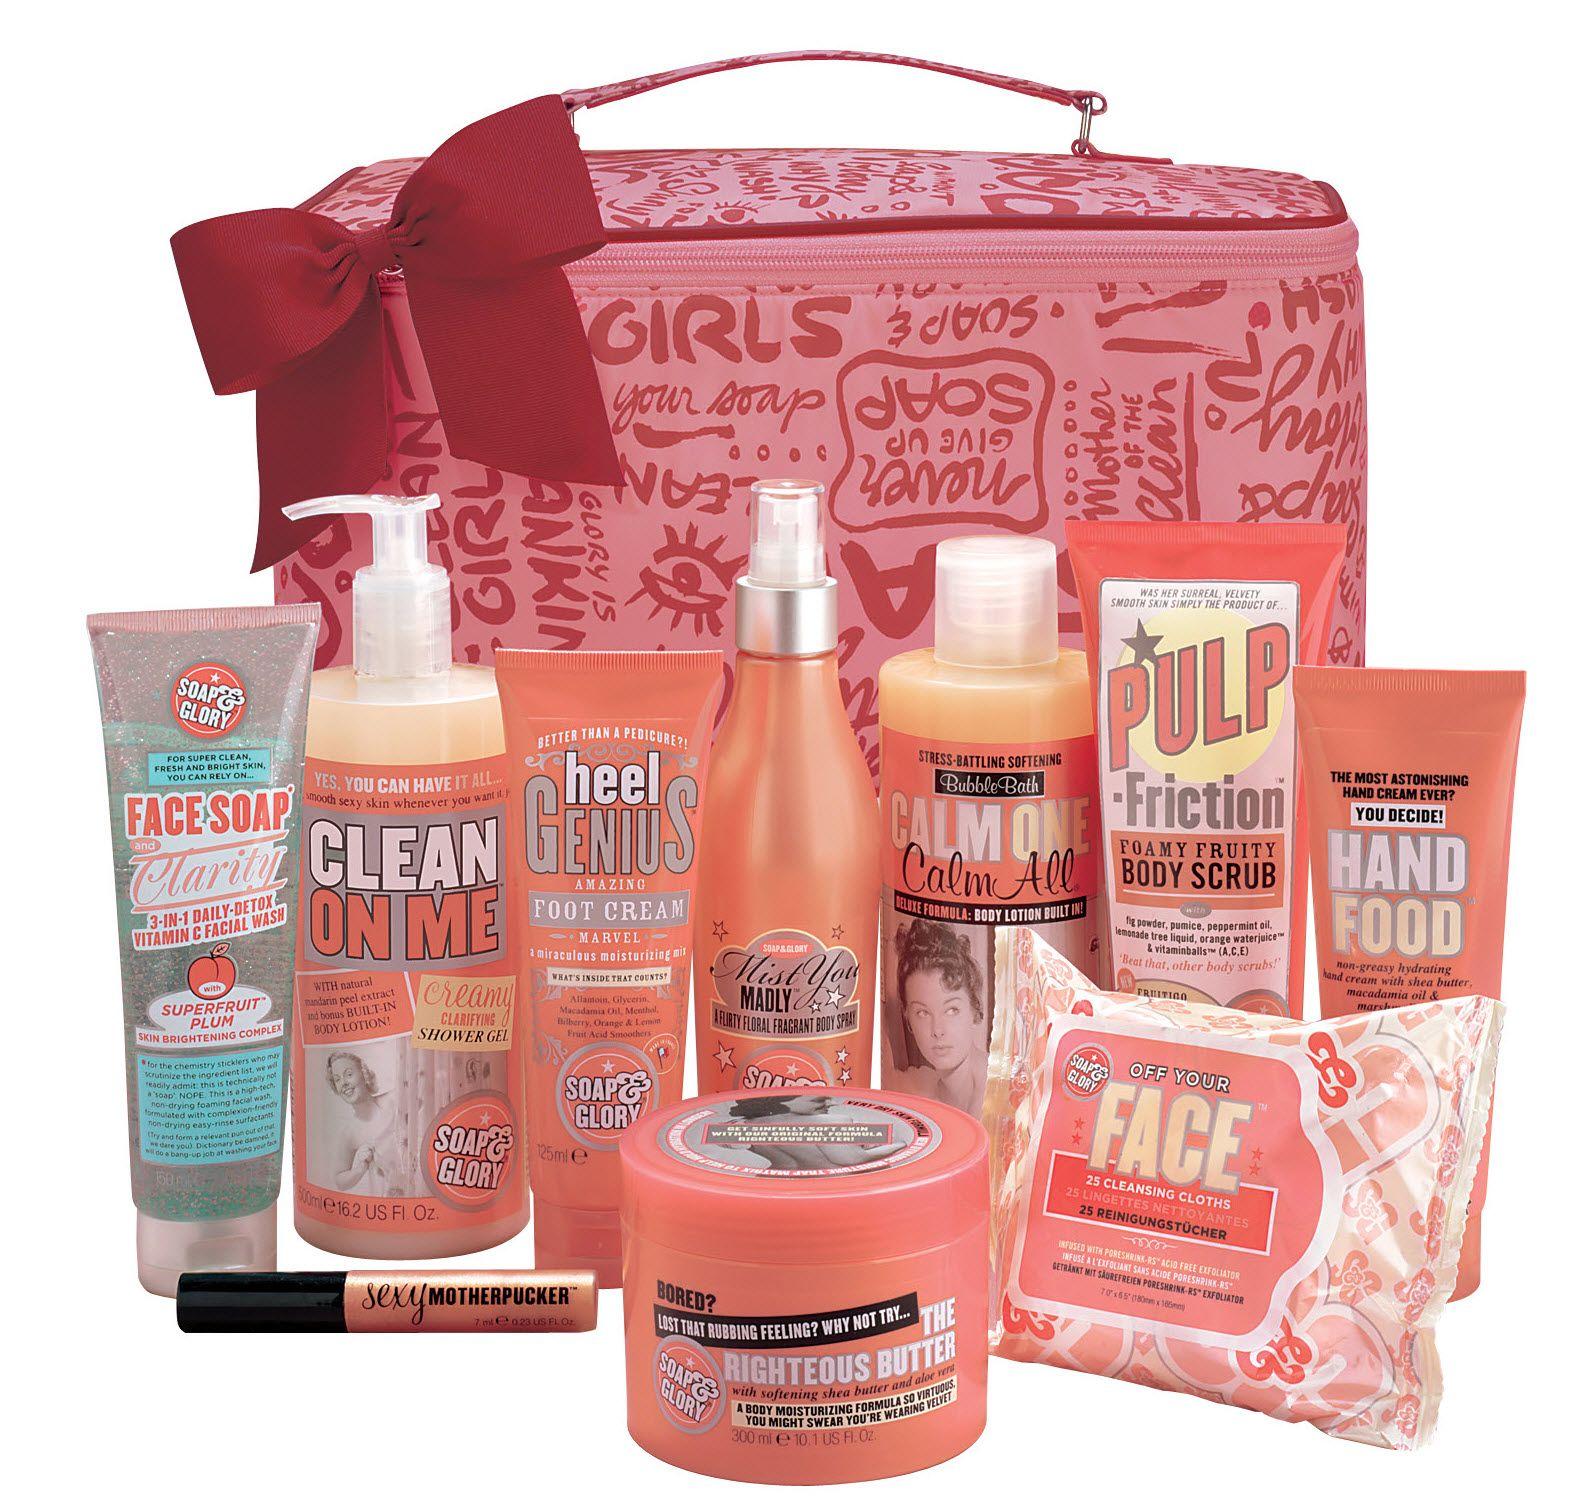 Soap glory косметика купить интернет магазин эйвон каталог на сегодняшний день